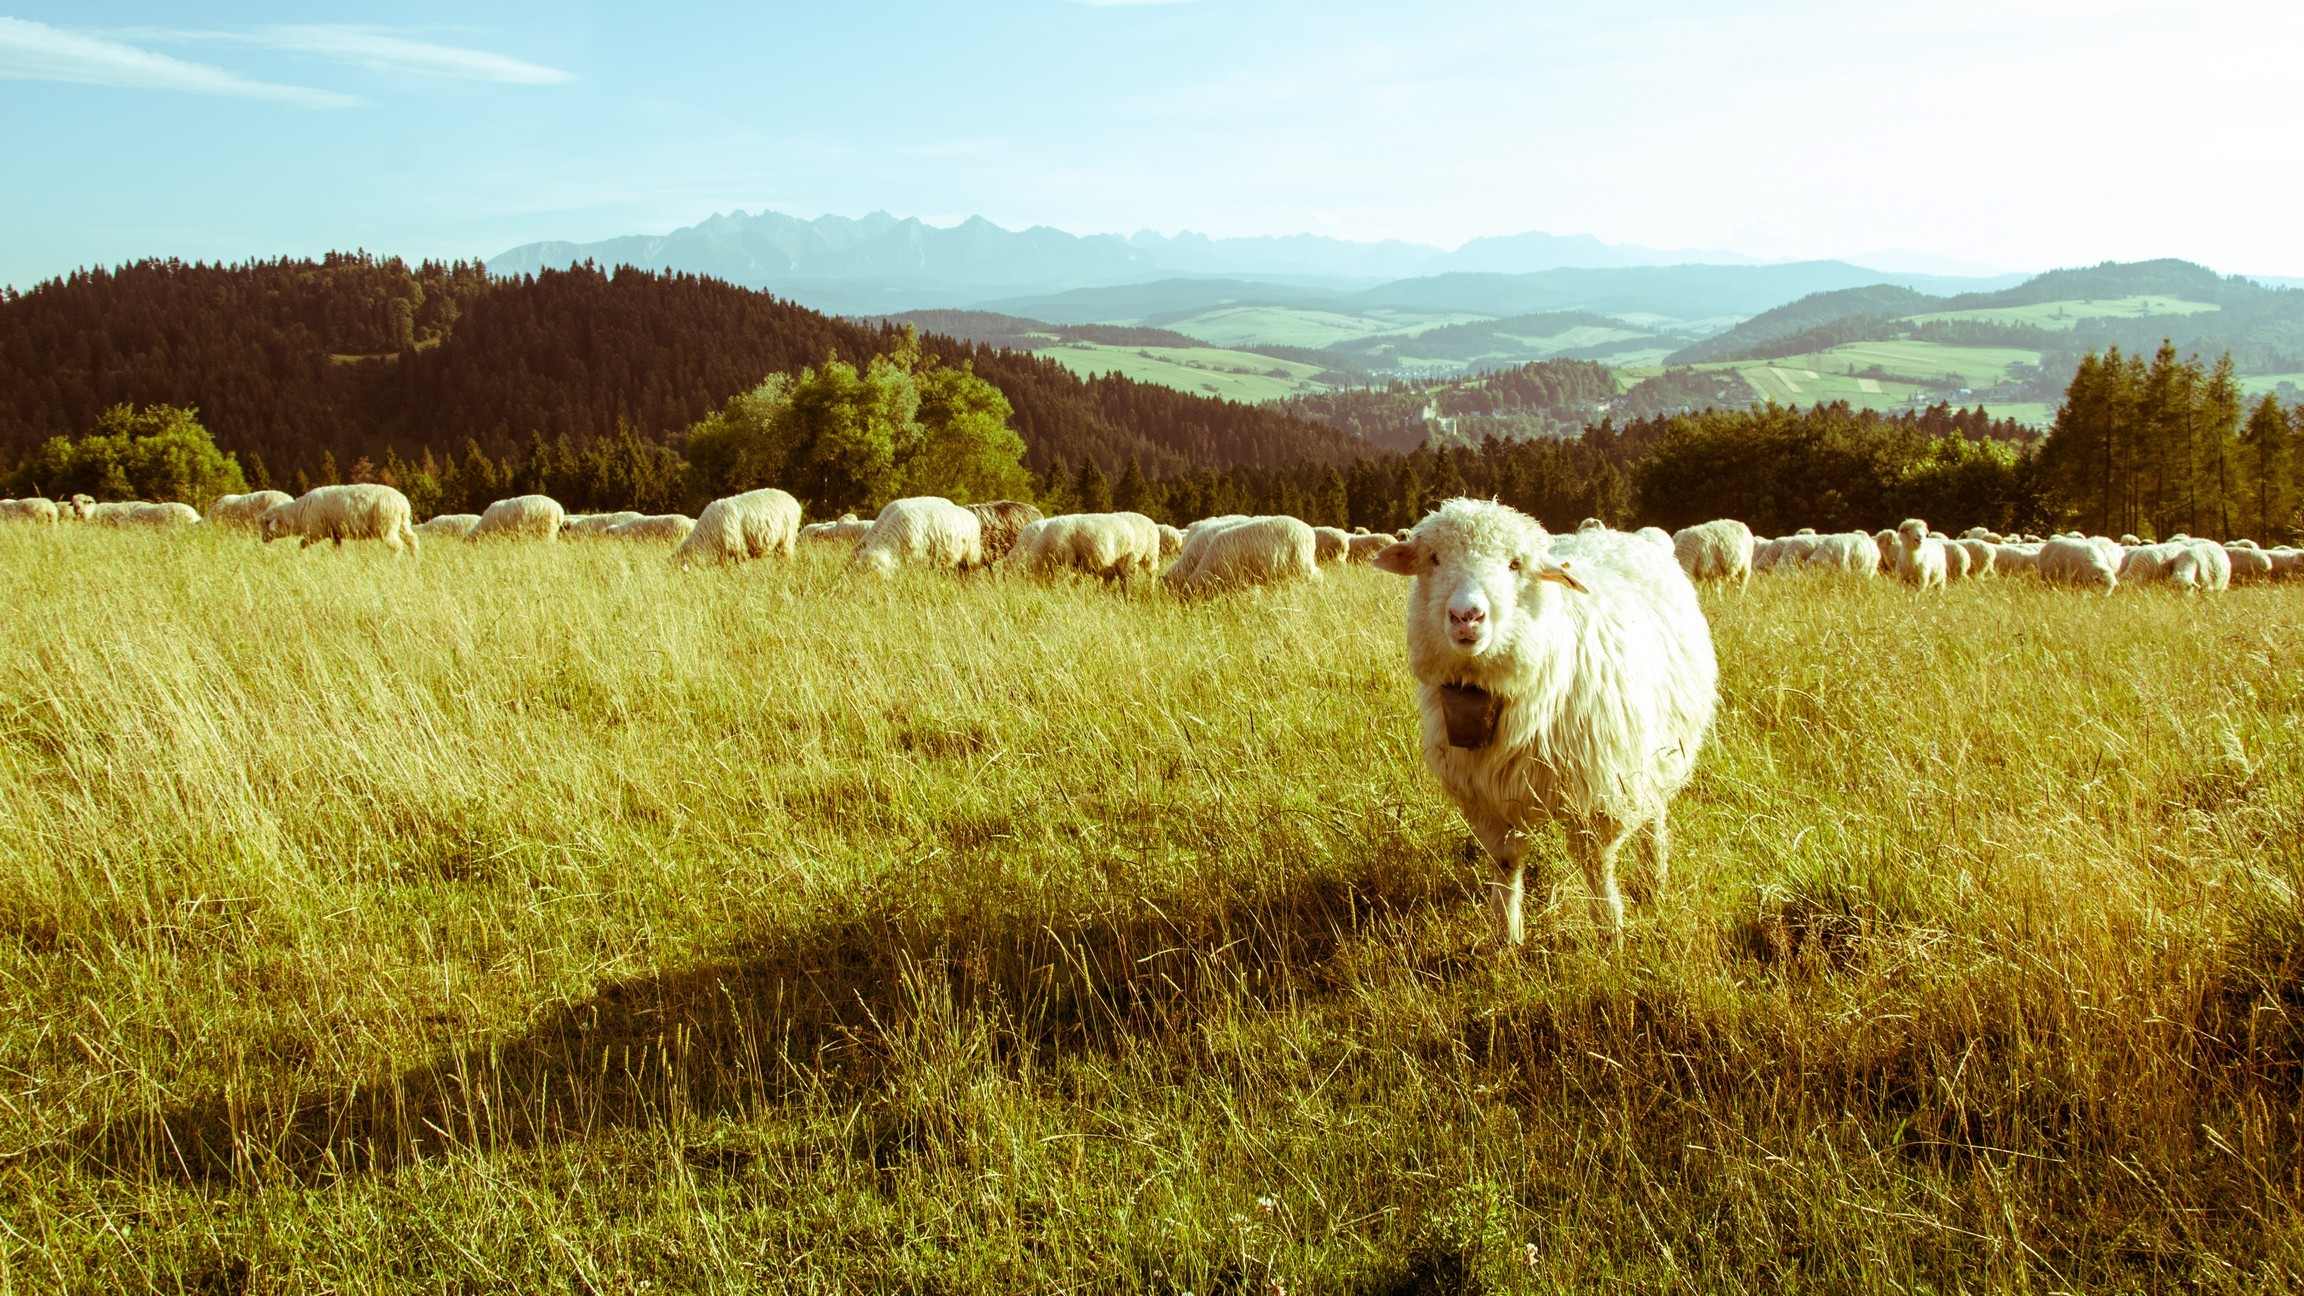 картинки луг с овцами совсем произвольного, если